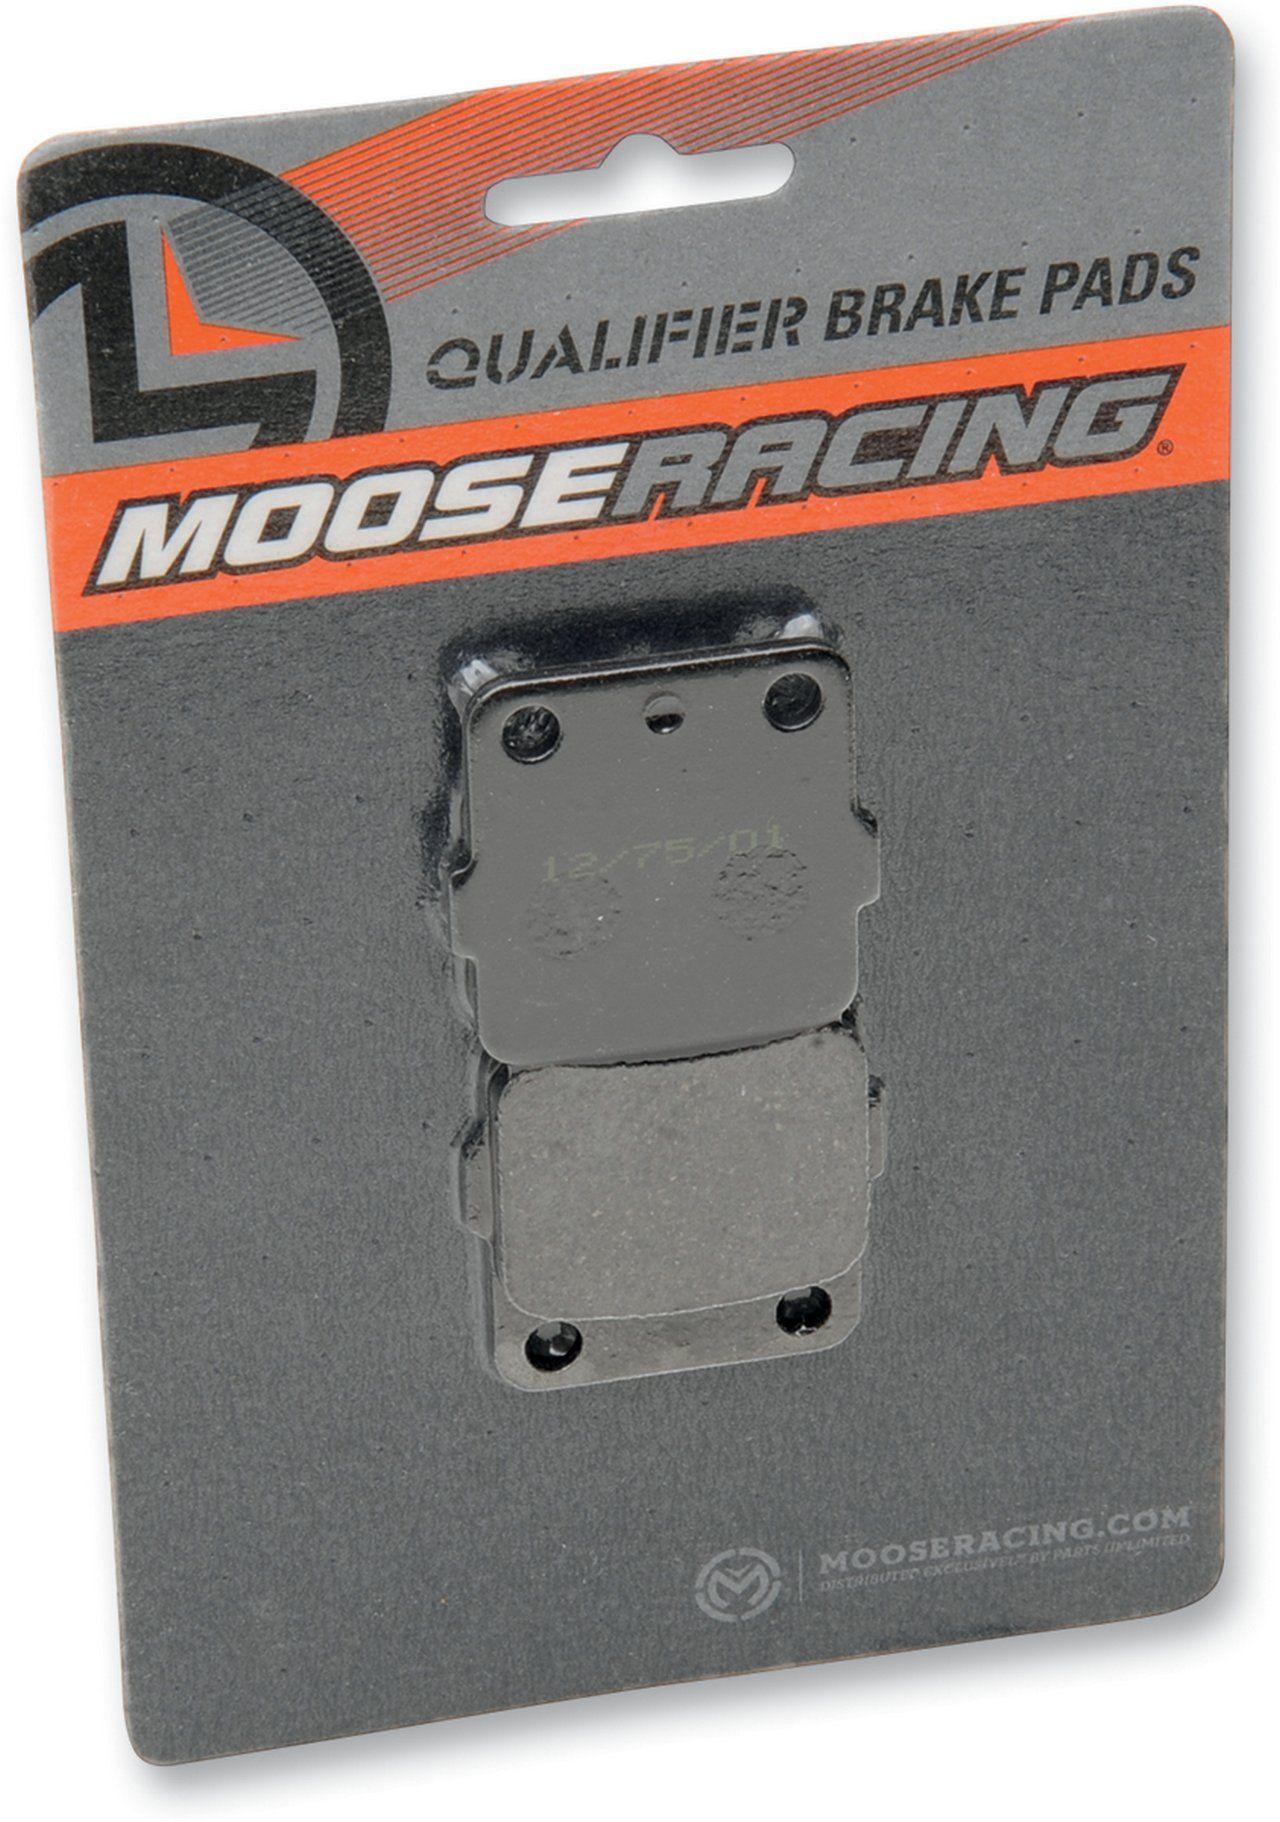 【MOOSE RACING】QUALIFIER 煞車來令片 [1720-0229] - 「Webike-摩托百貨」